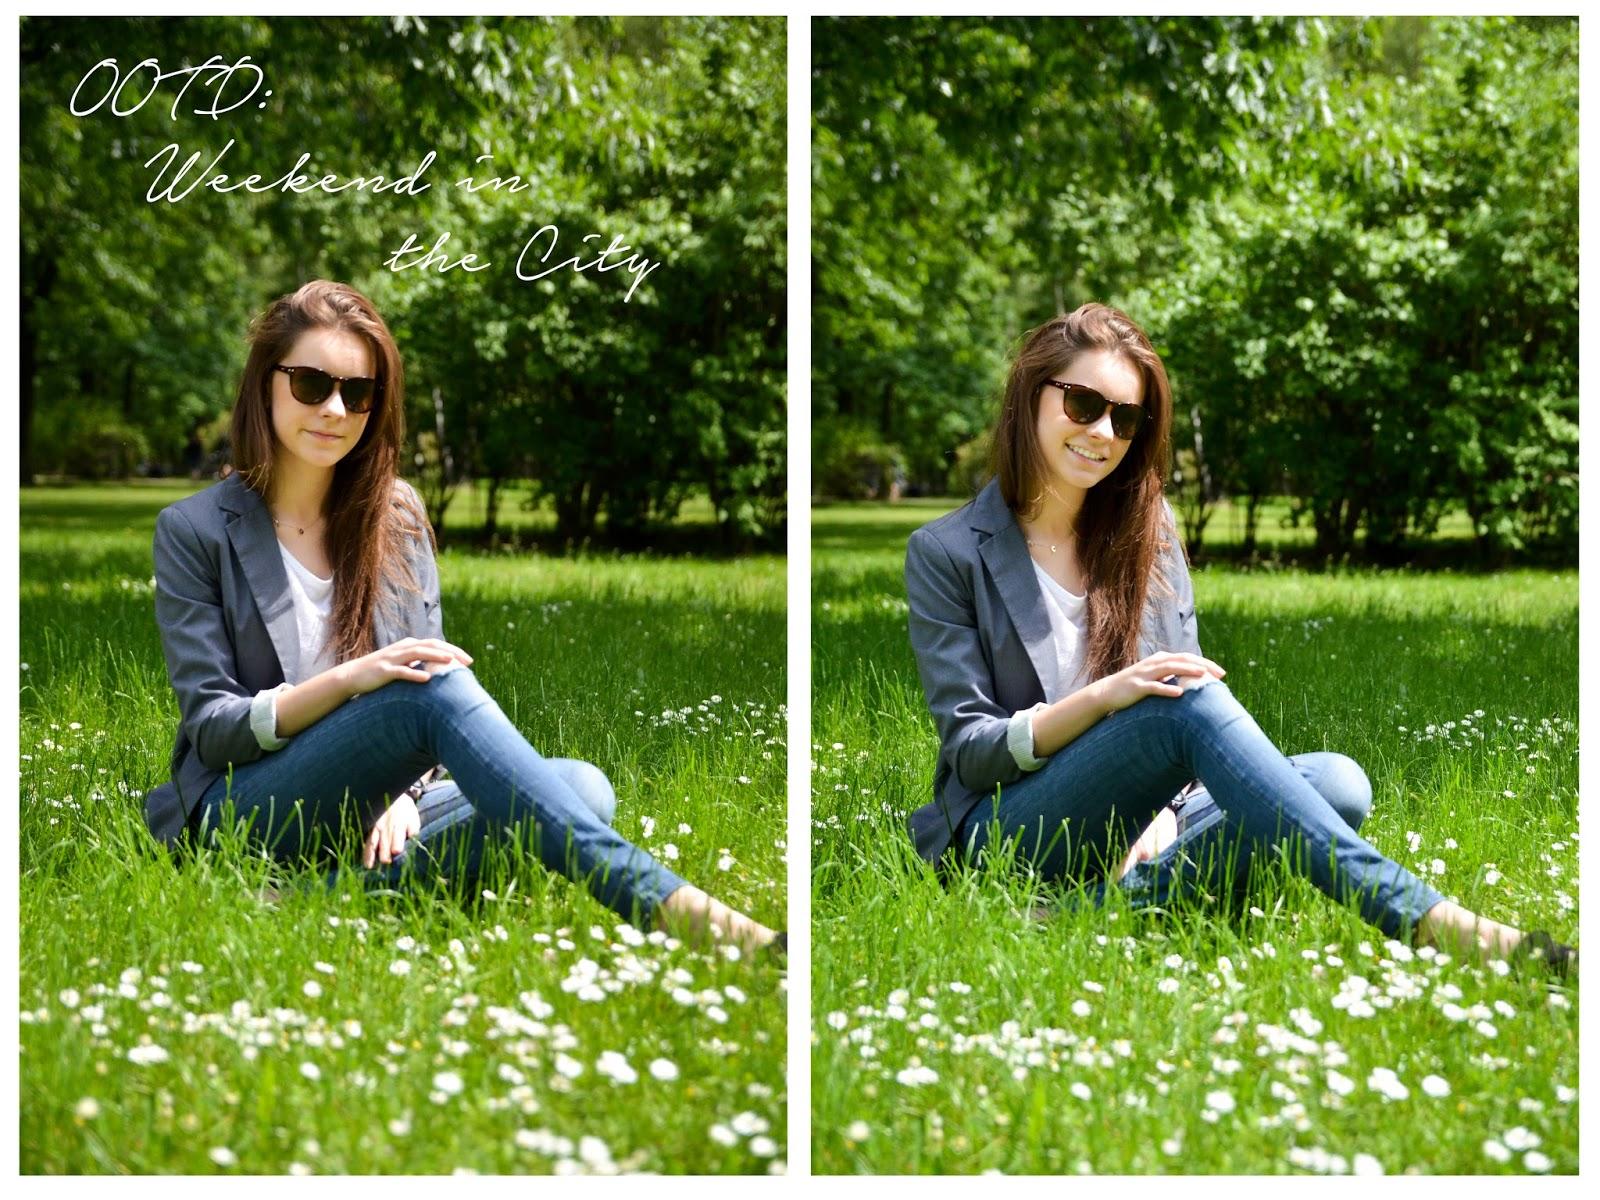 strój dnia, ubranie, kwiaty, trawa